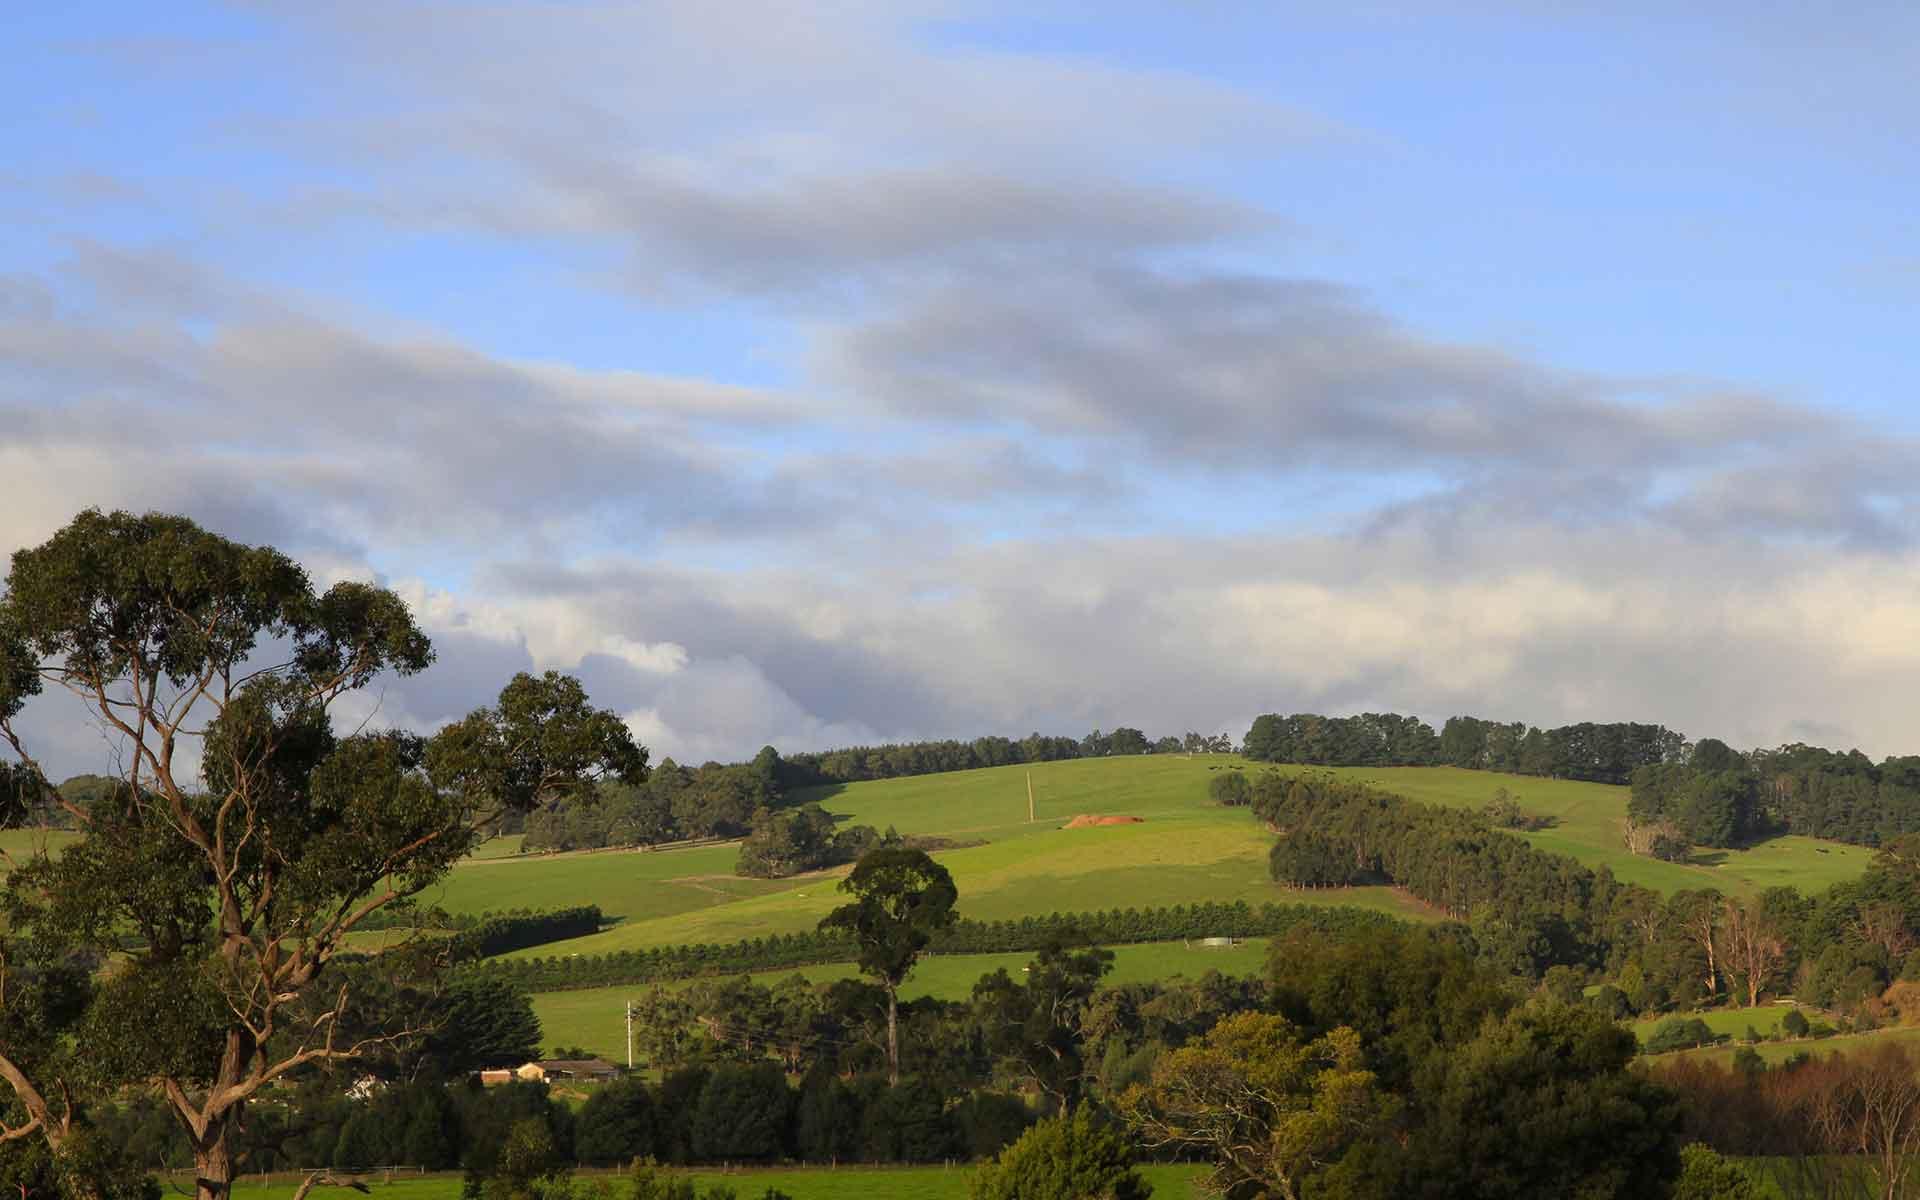 Image - La Trobe Valley view